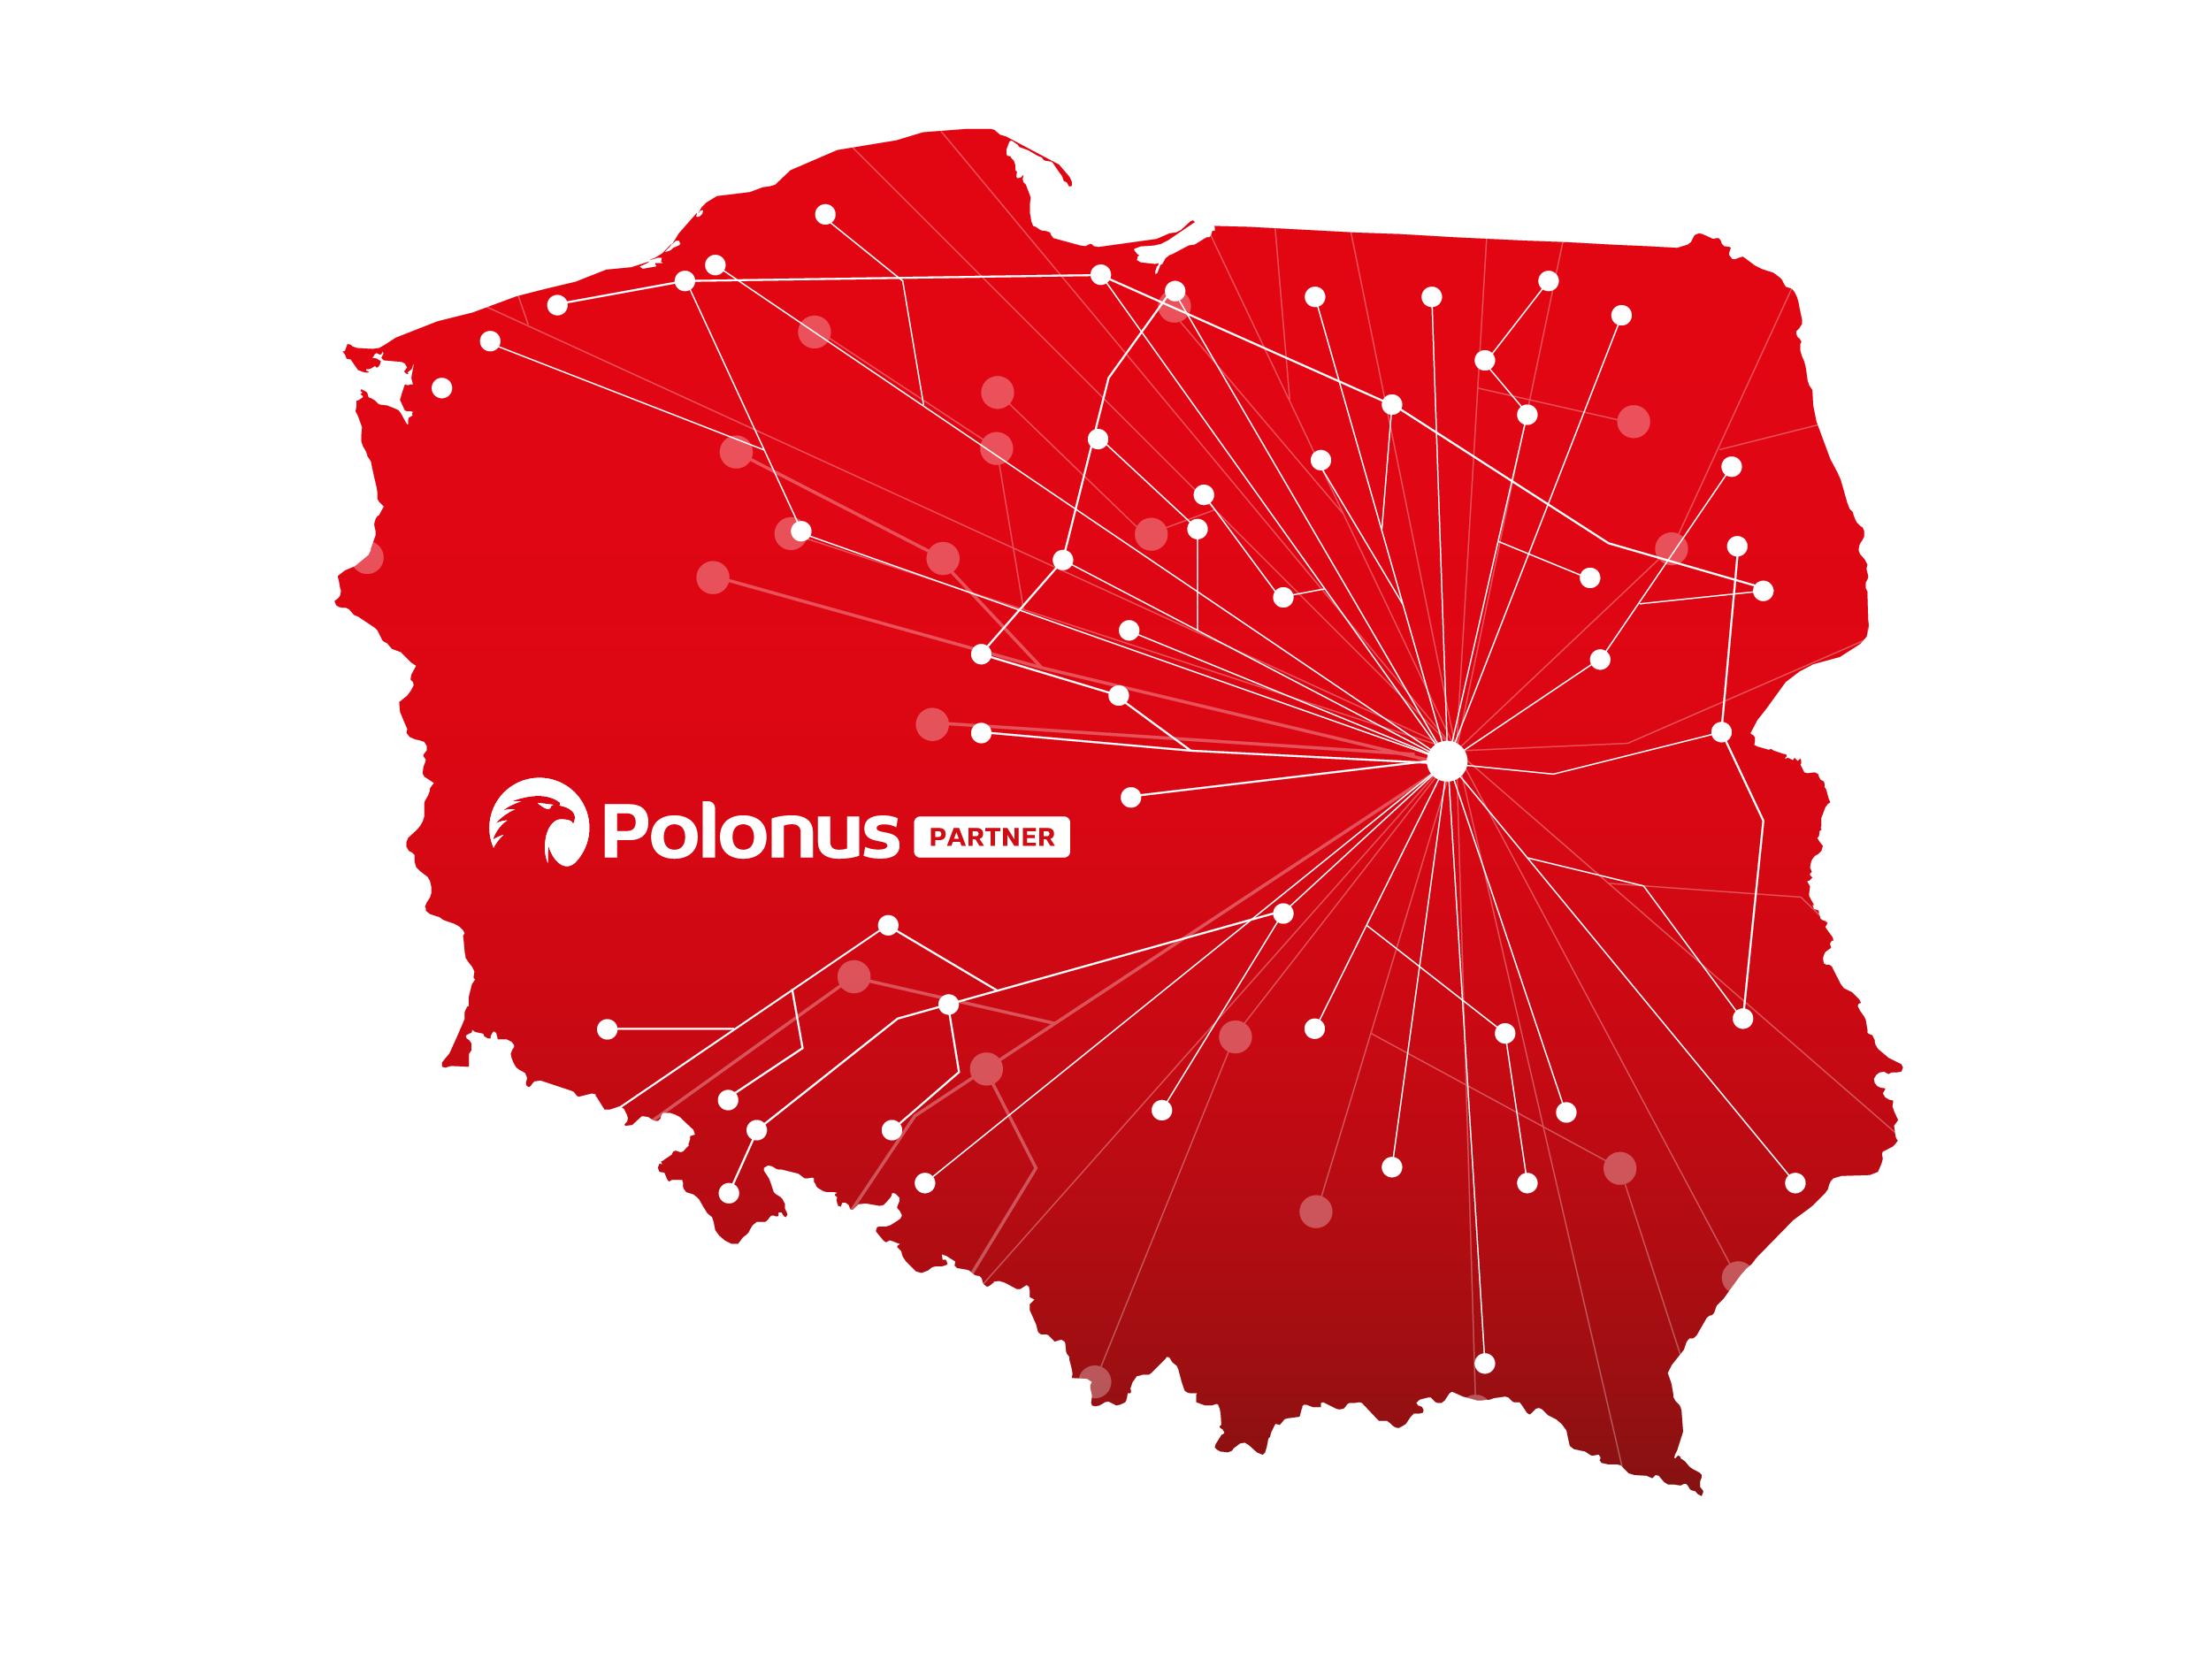 siatka połączeń Polonus Partner